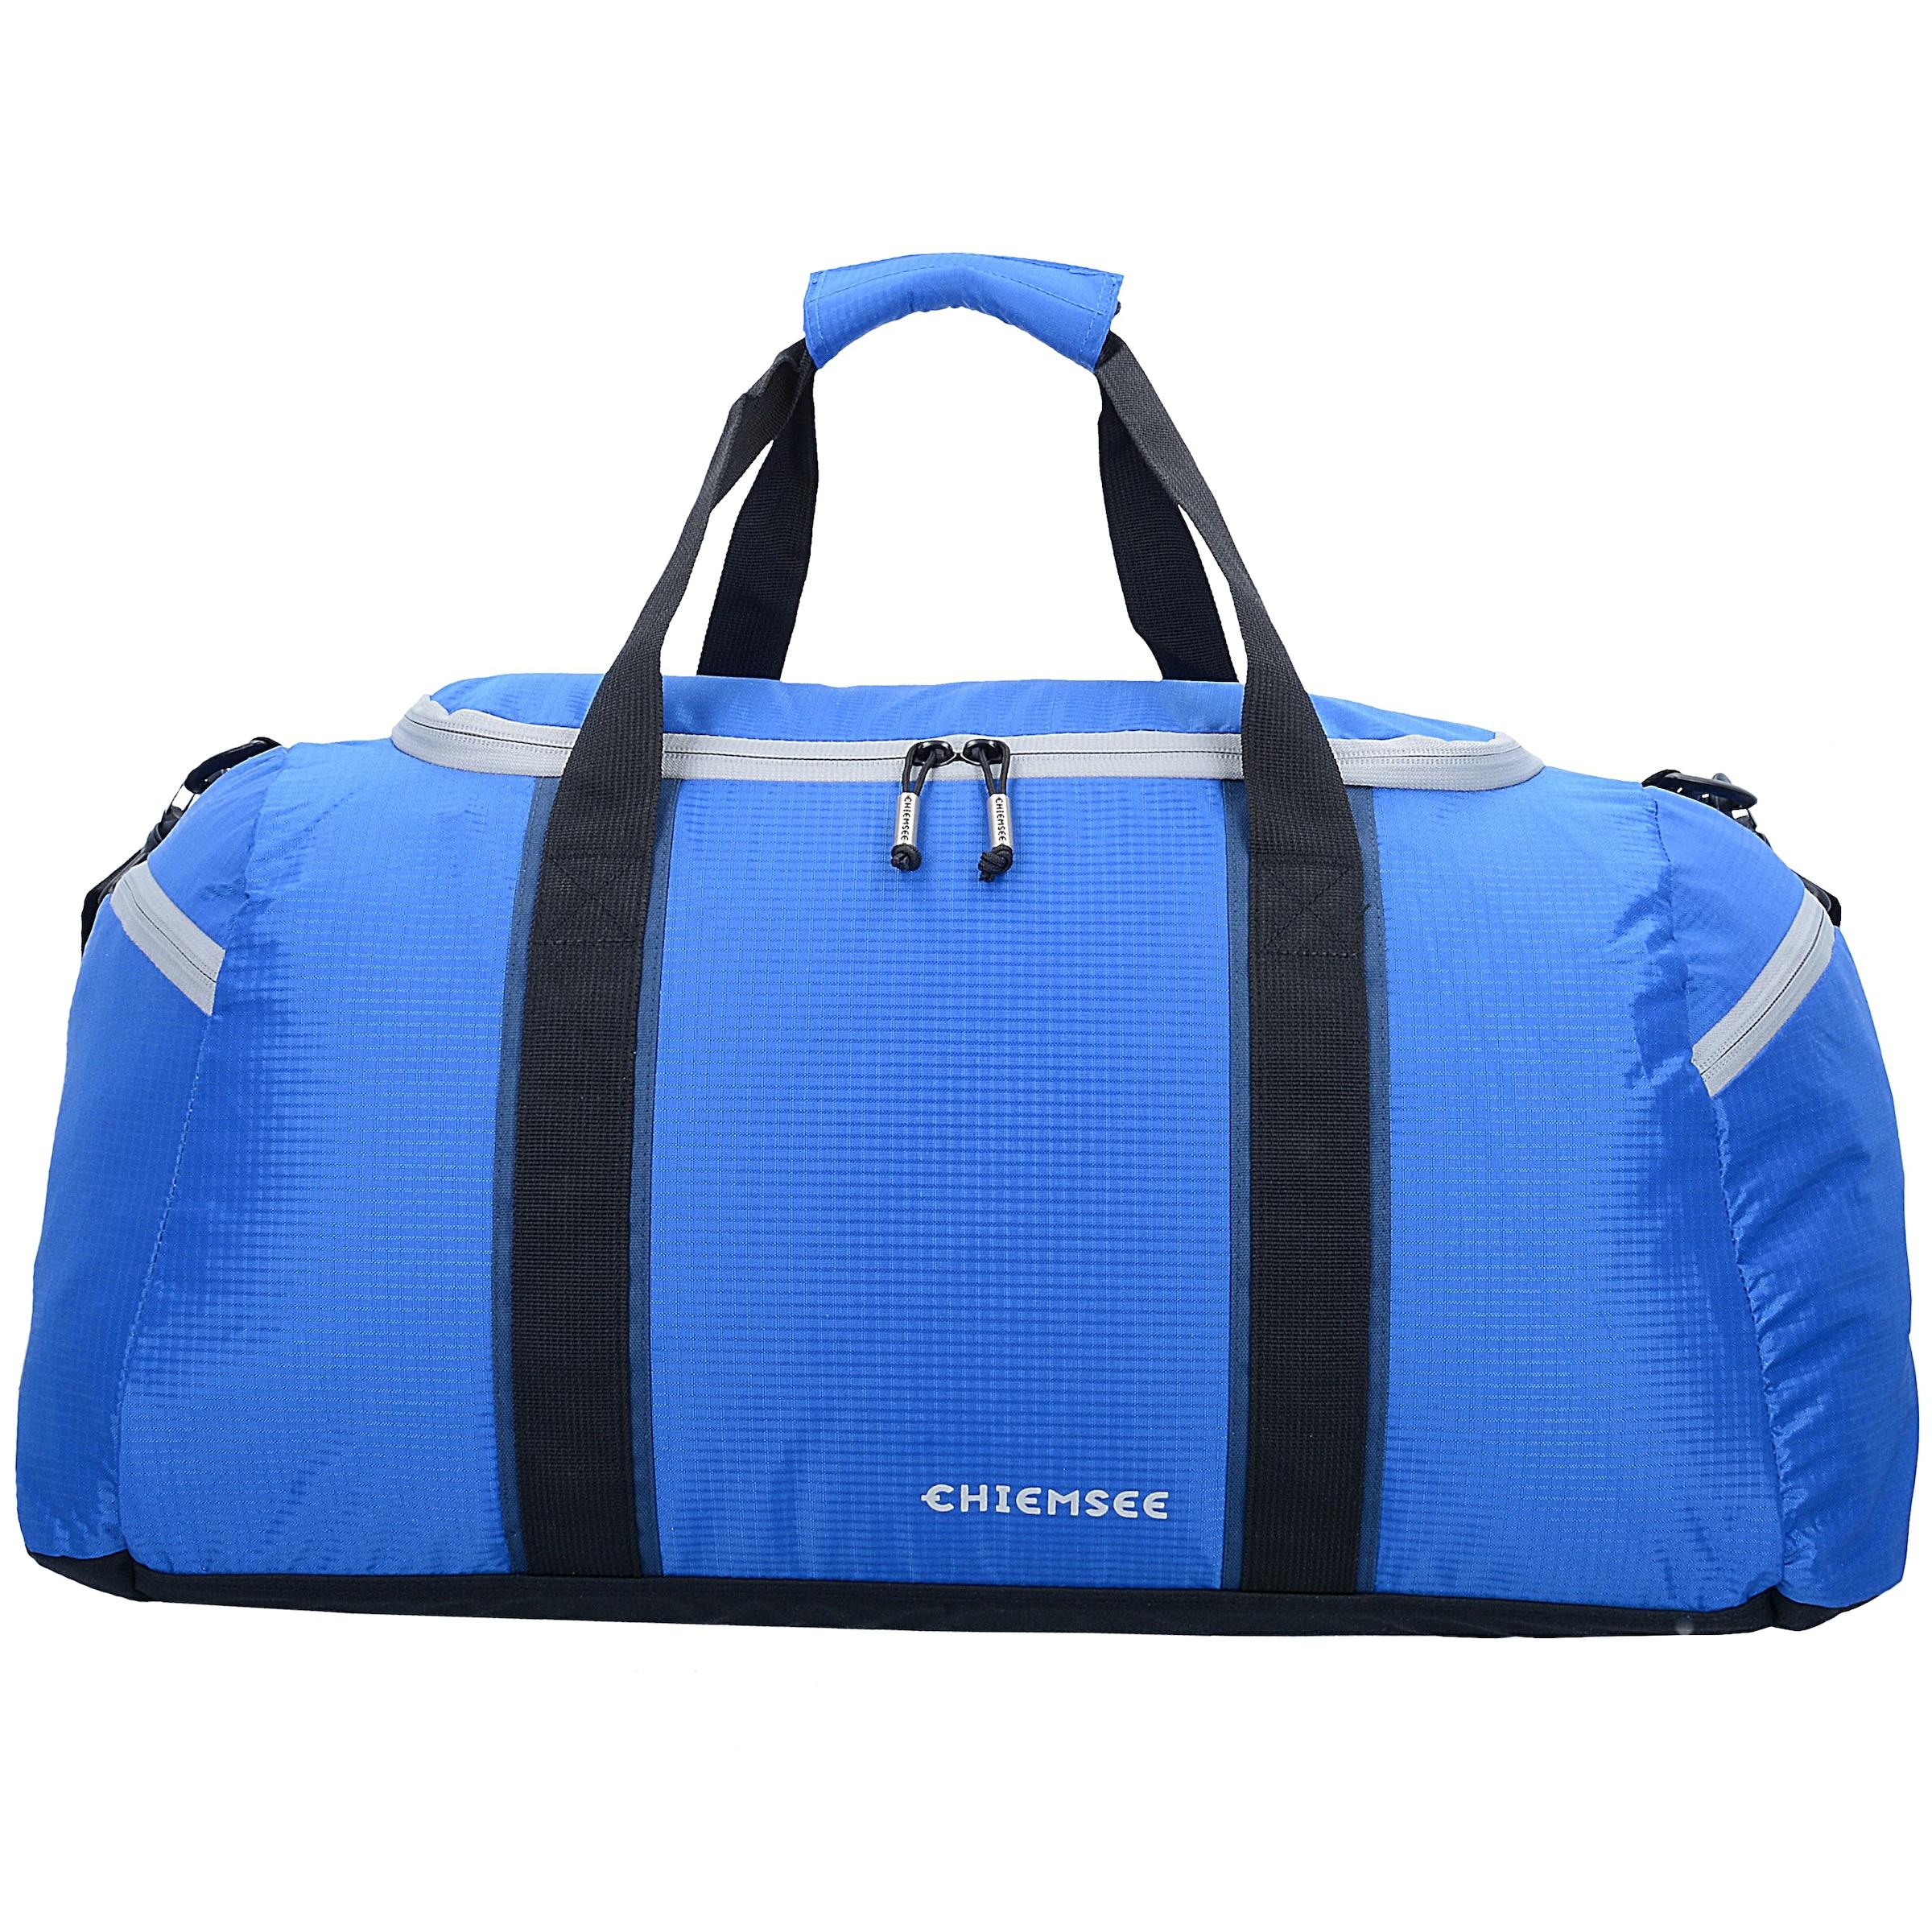 Chiemsee Large' In BlauMischfarben 'matchbag Sporttasche Aq54L3jR